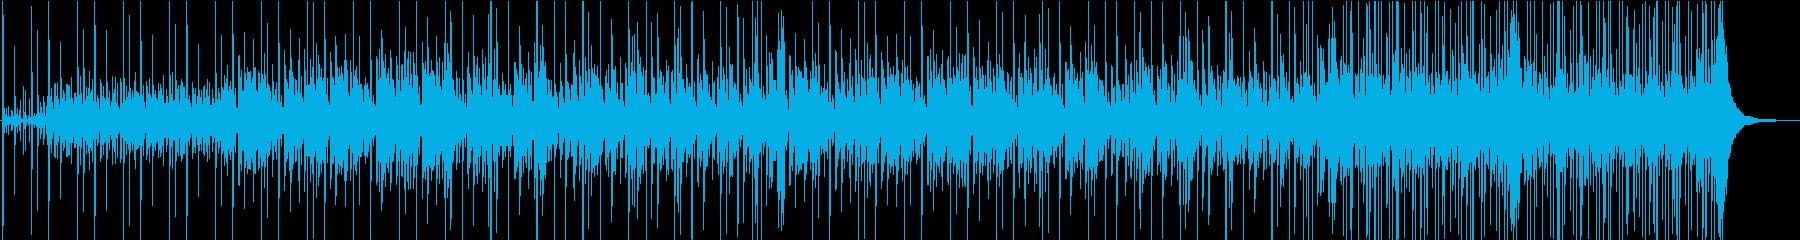 おしゃれな生演奏アコギBGMの再生済みの波形